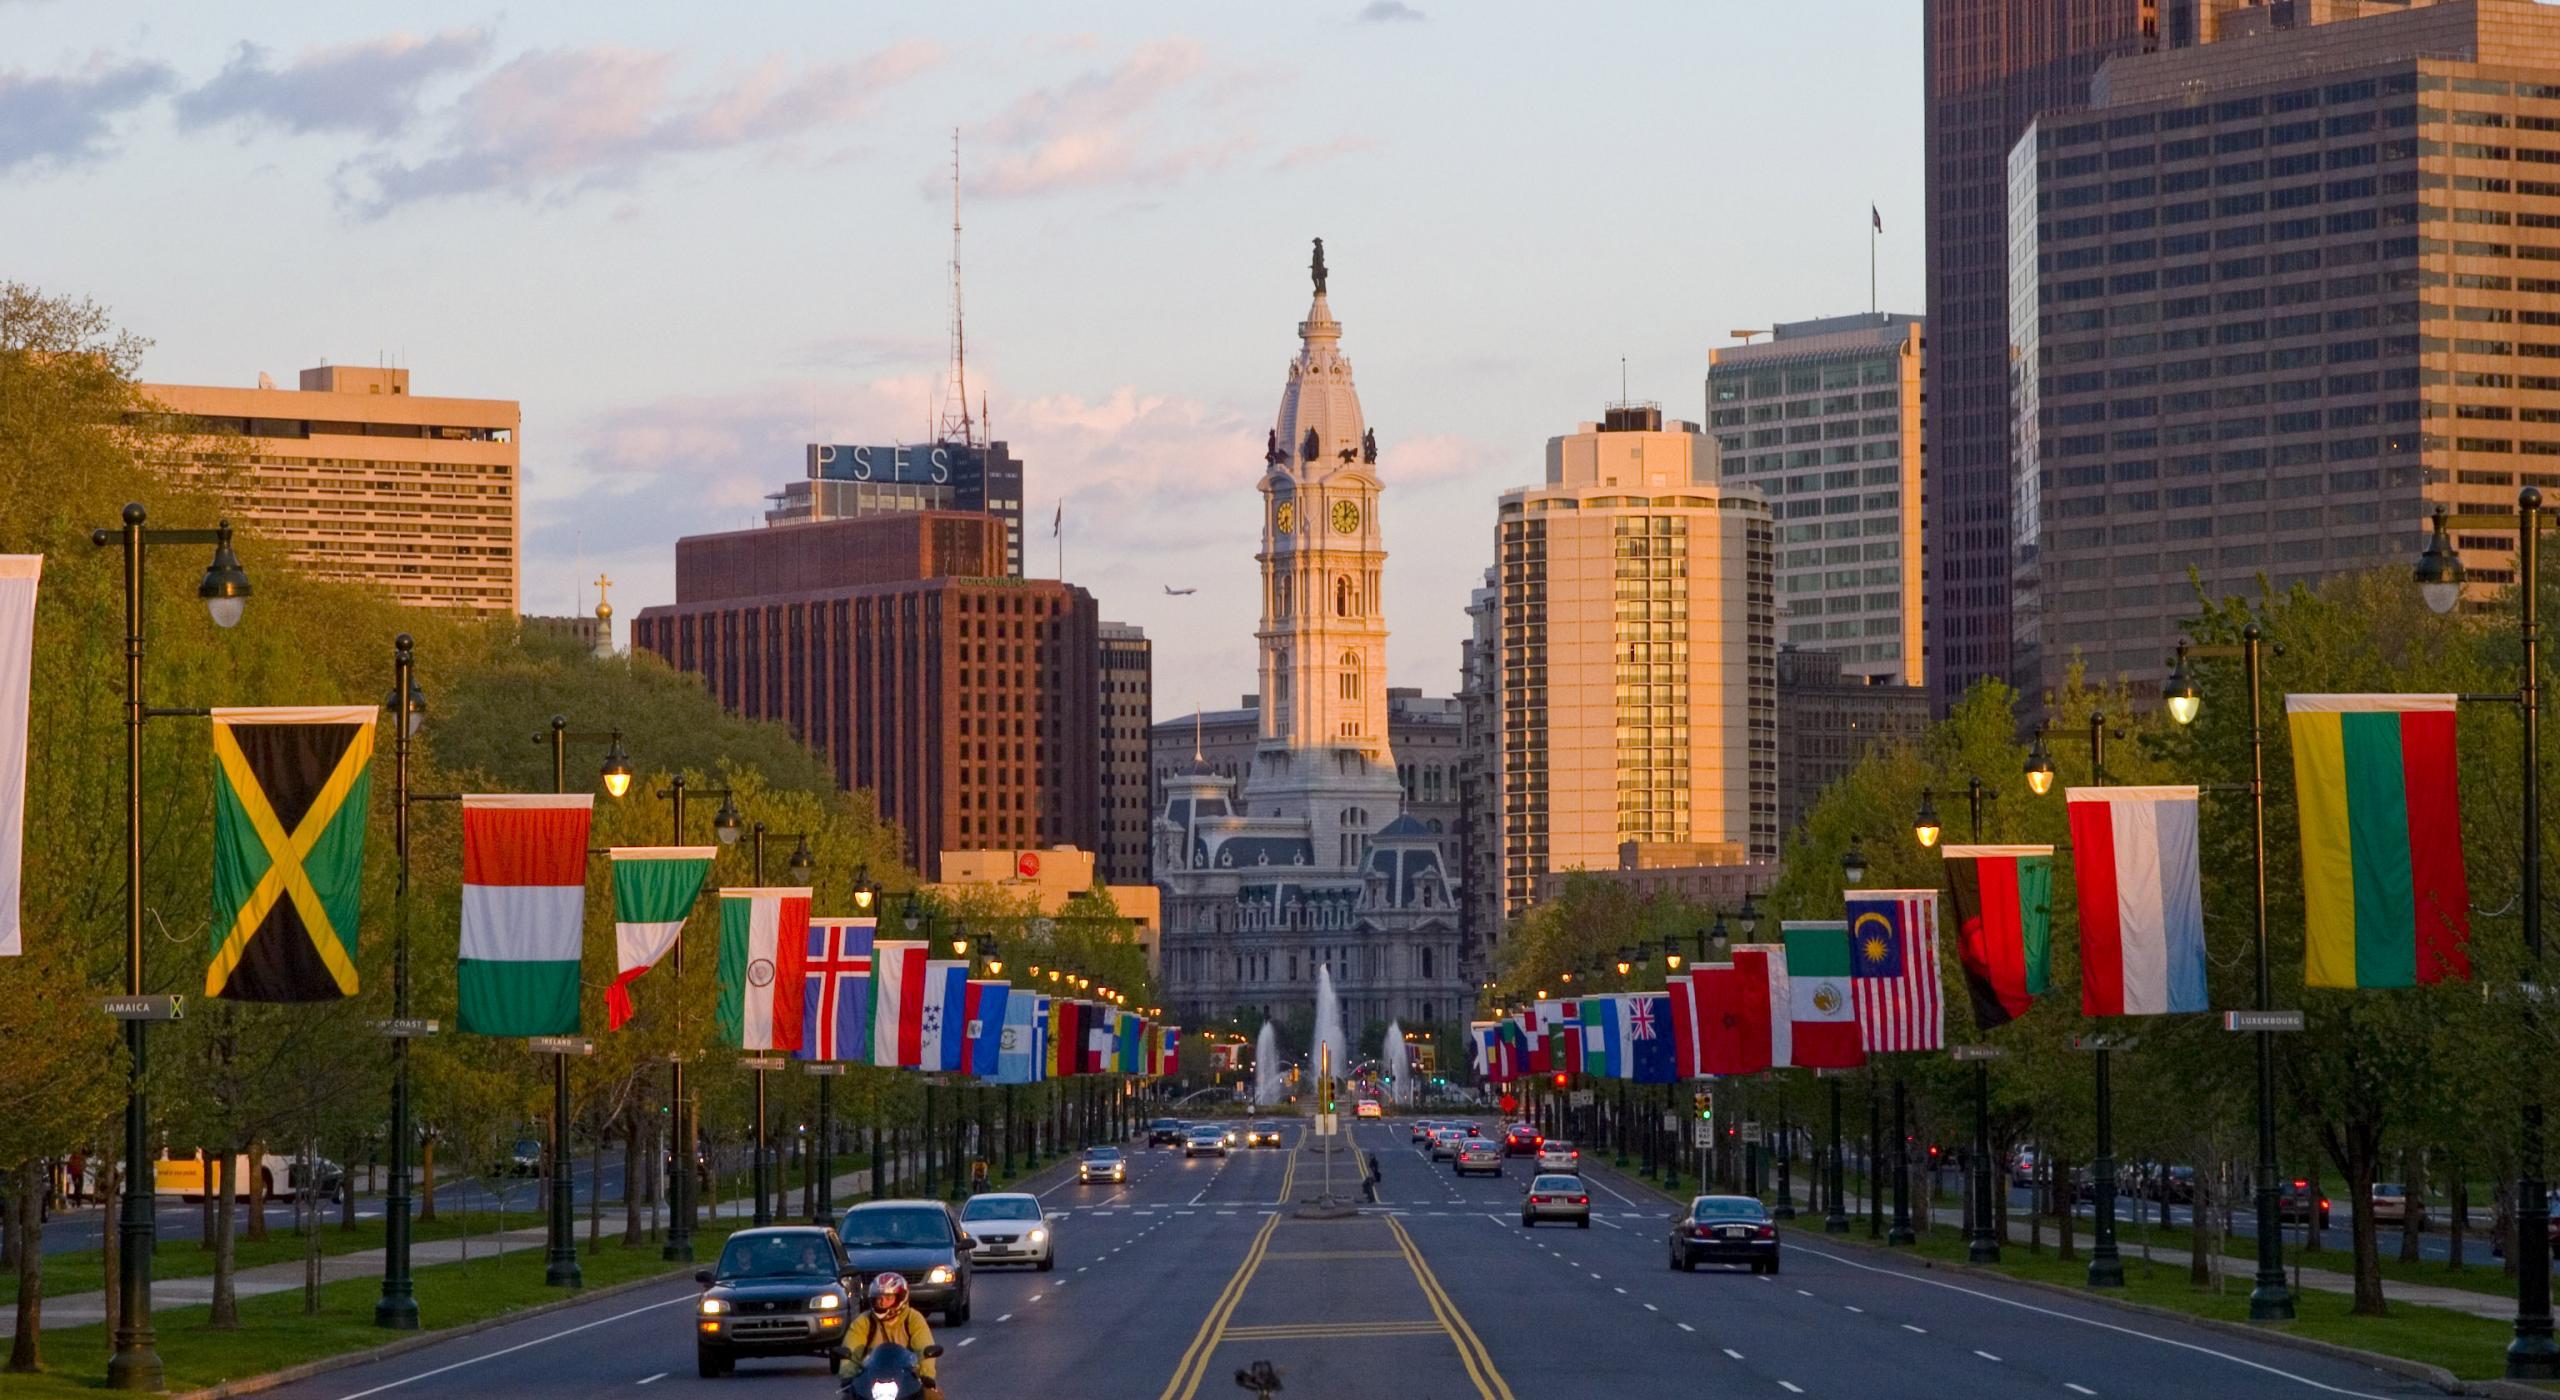 州 ペンシルベニア ペンシルベニア州、バイデン氏勝利を正式認定 写真3枚